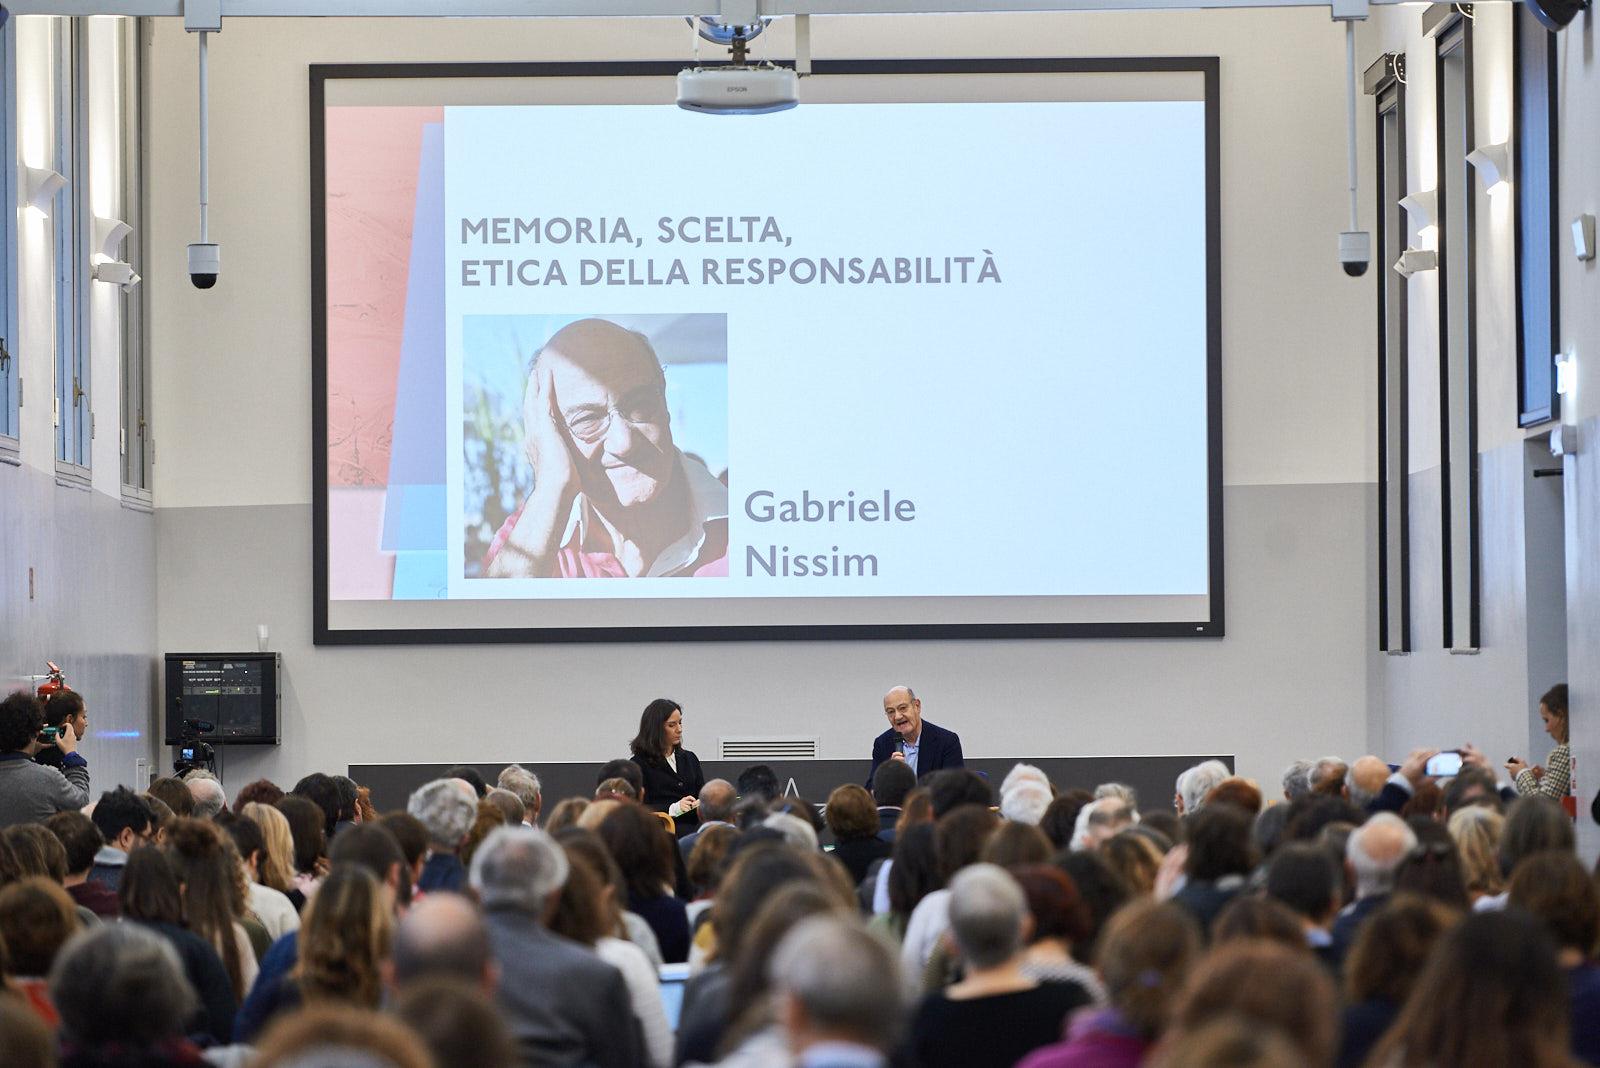 """L'intervento di Gabriele Nissim, presidente di Gariwo, su """"Memoria, scelta, etica della responsabilità"""""""